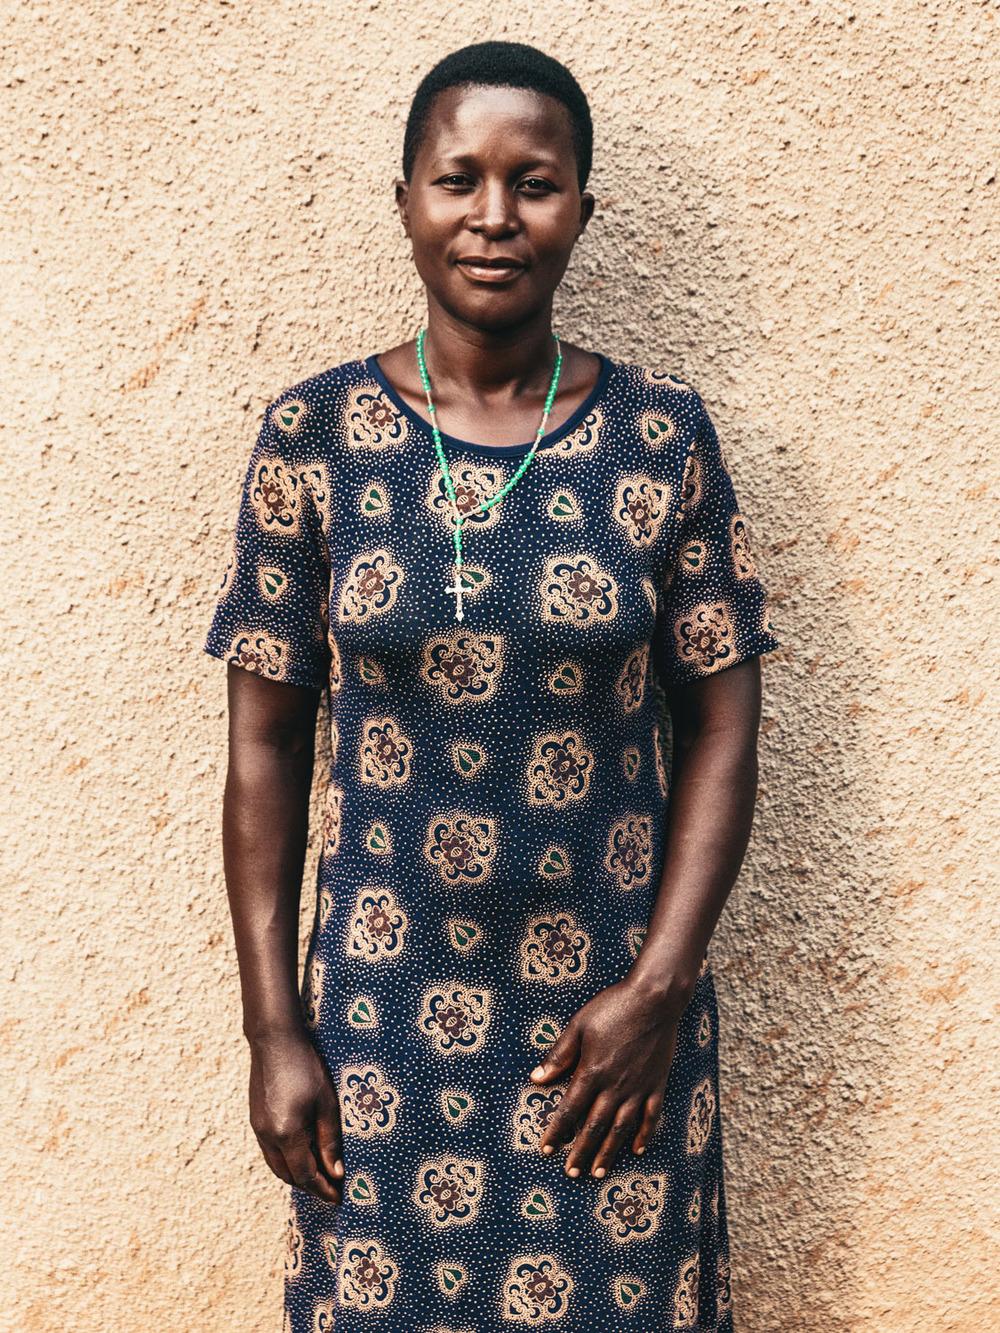 CallieGiovanna_Africa_Uganda_KalinzuForestReserve_20150101_08862.jpg